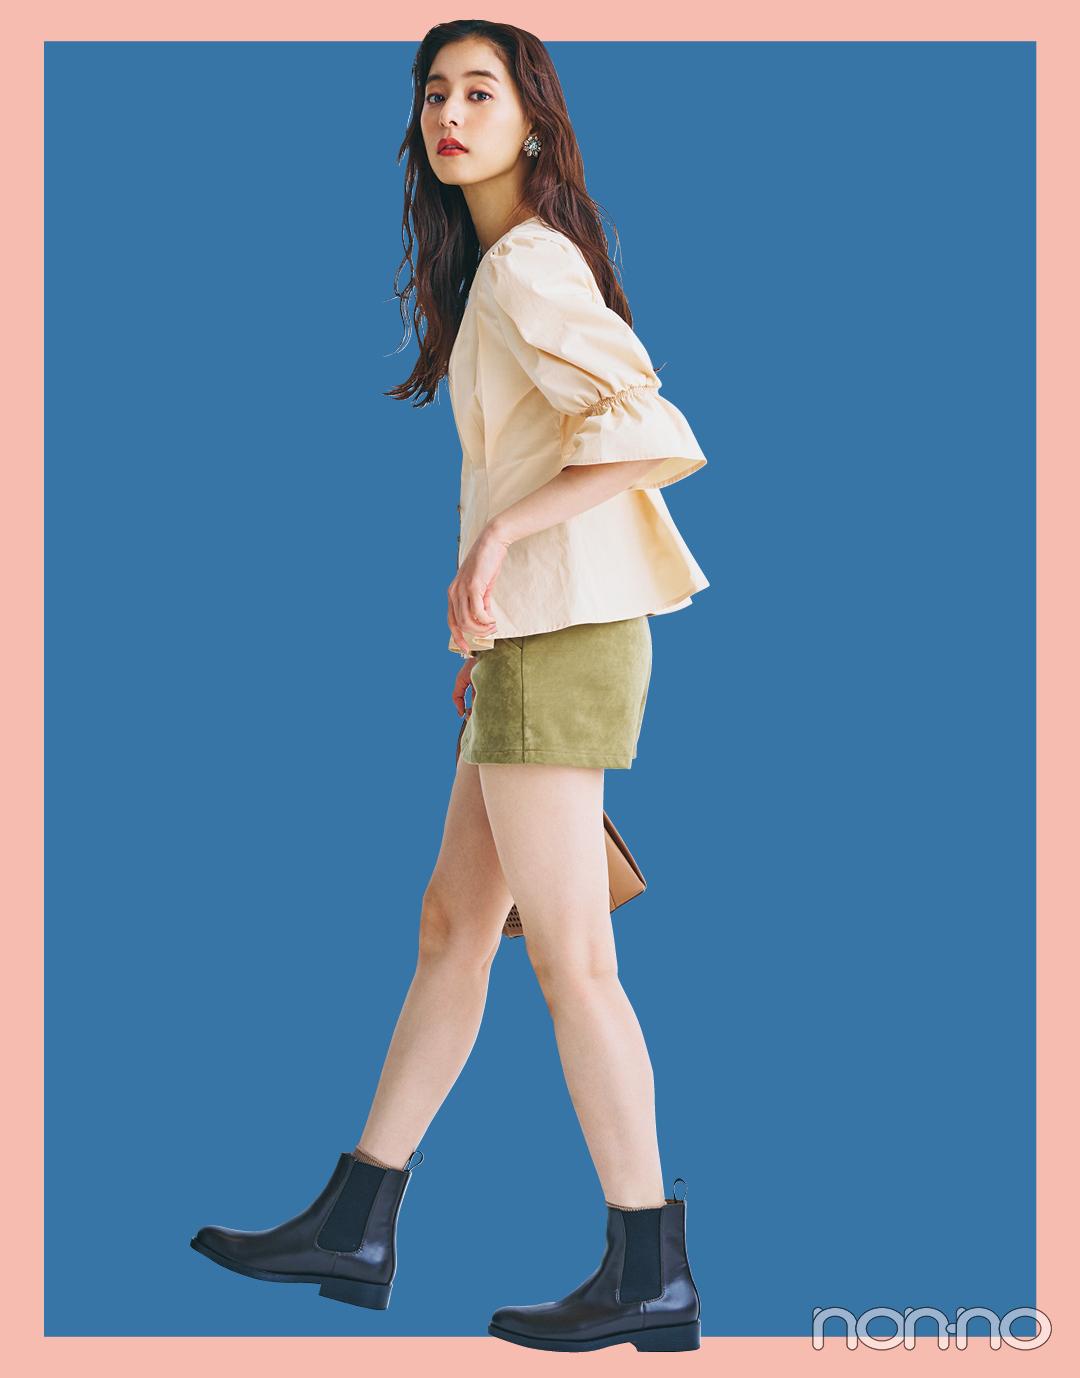 【2021年ファッショントレンド vol.10】今年の春はミニボトムで可愛さ倍増♡_1_4